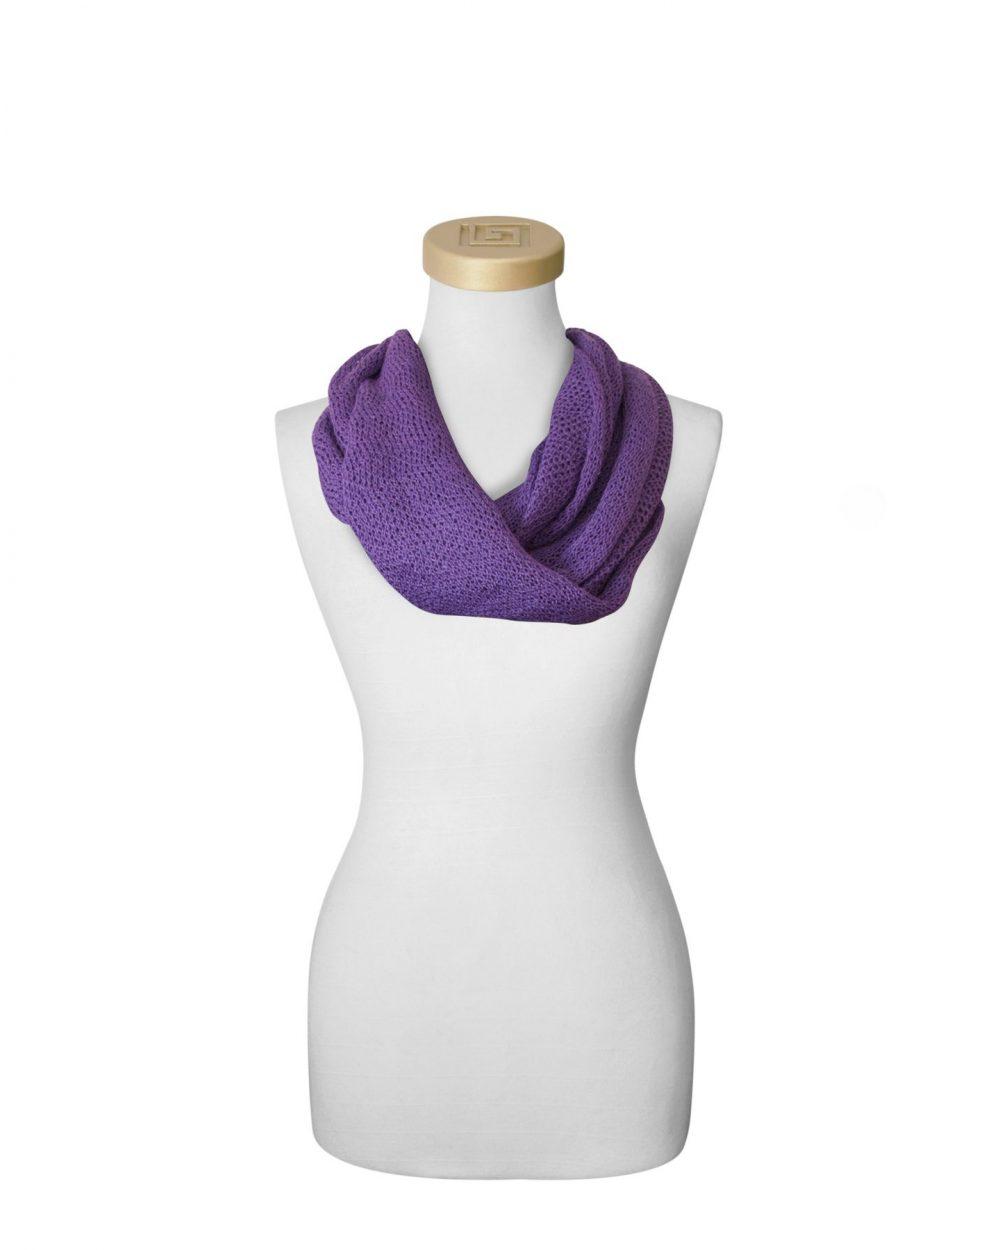 Echarpe collier mauve en bébé alpaga et soie Fine Alpaca fine laine et coton du Pérou